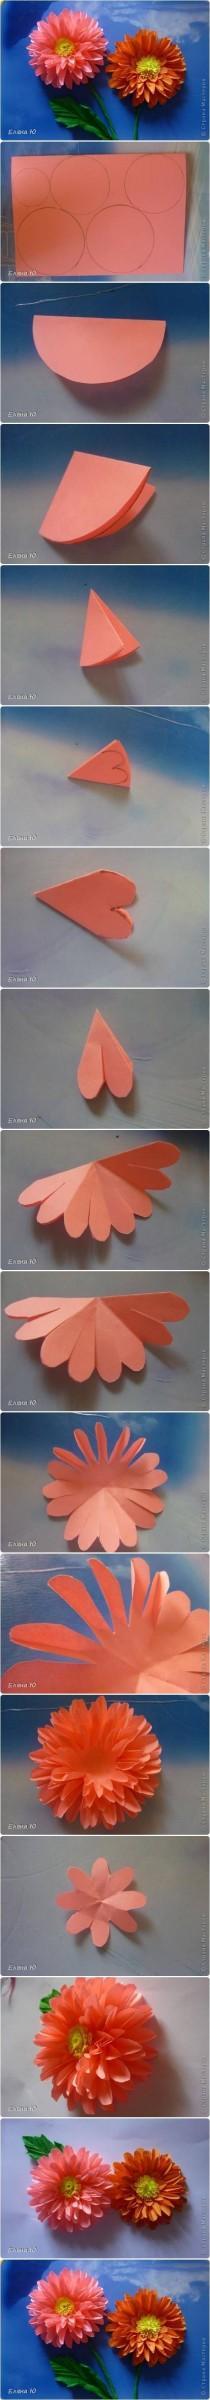 wedding photo - How To Make Paper Dahlias